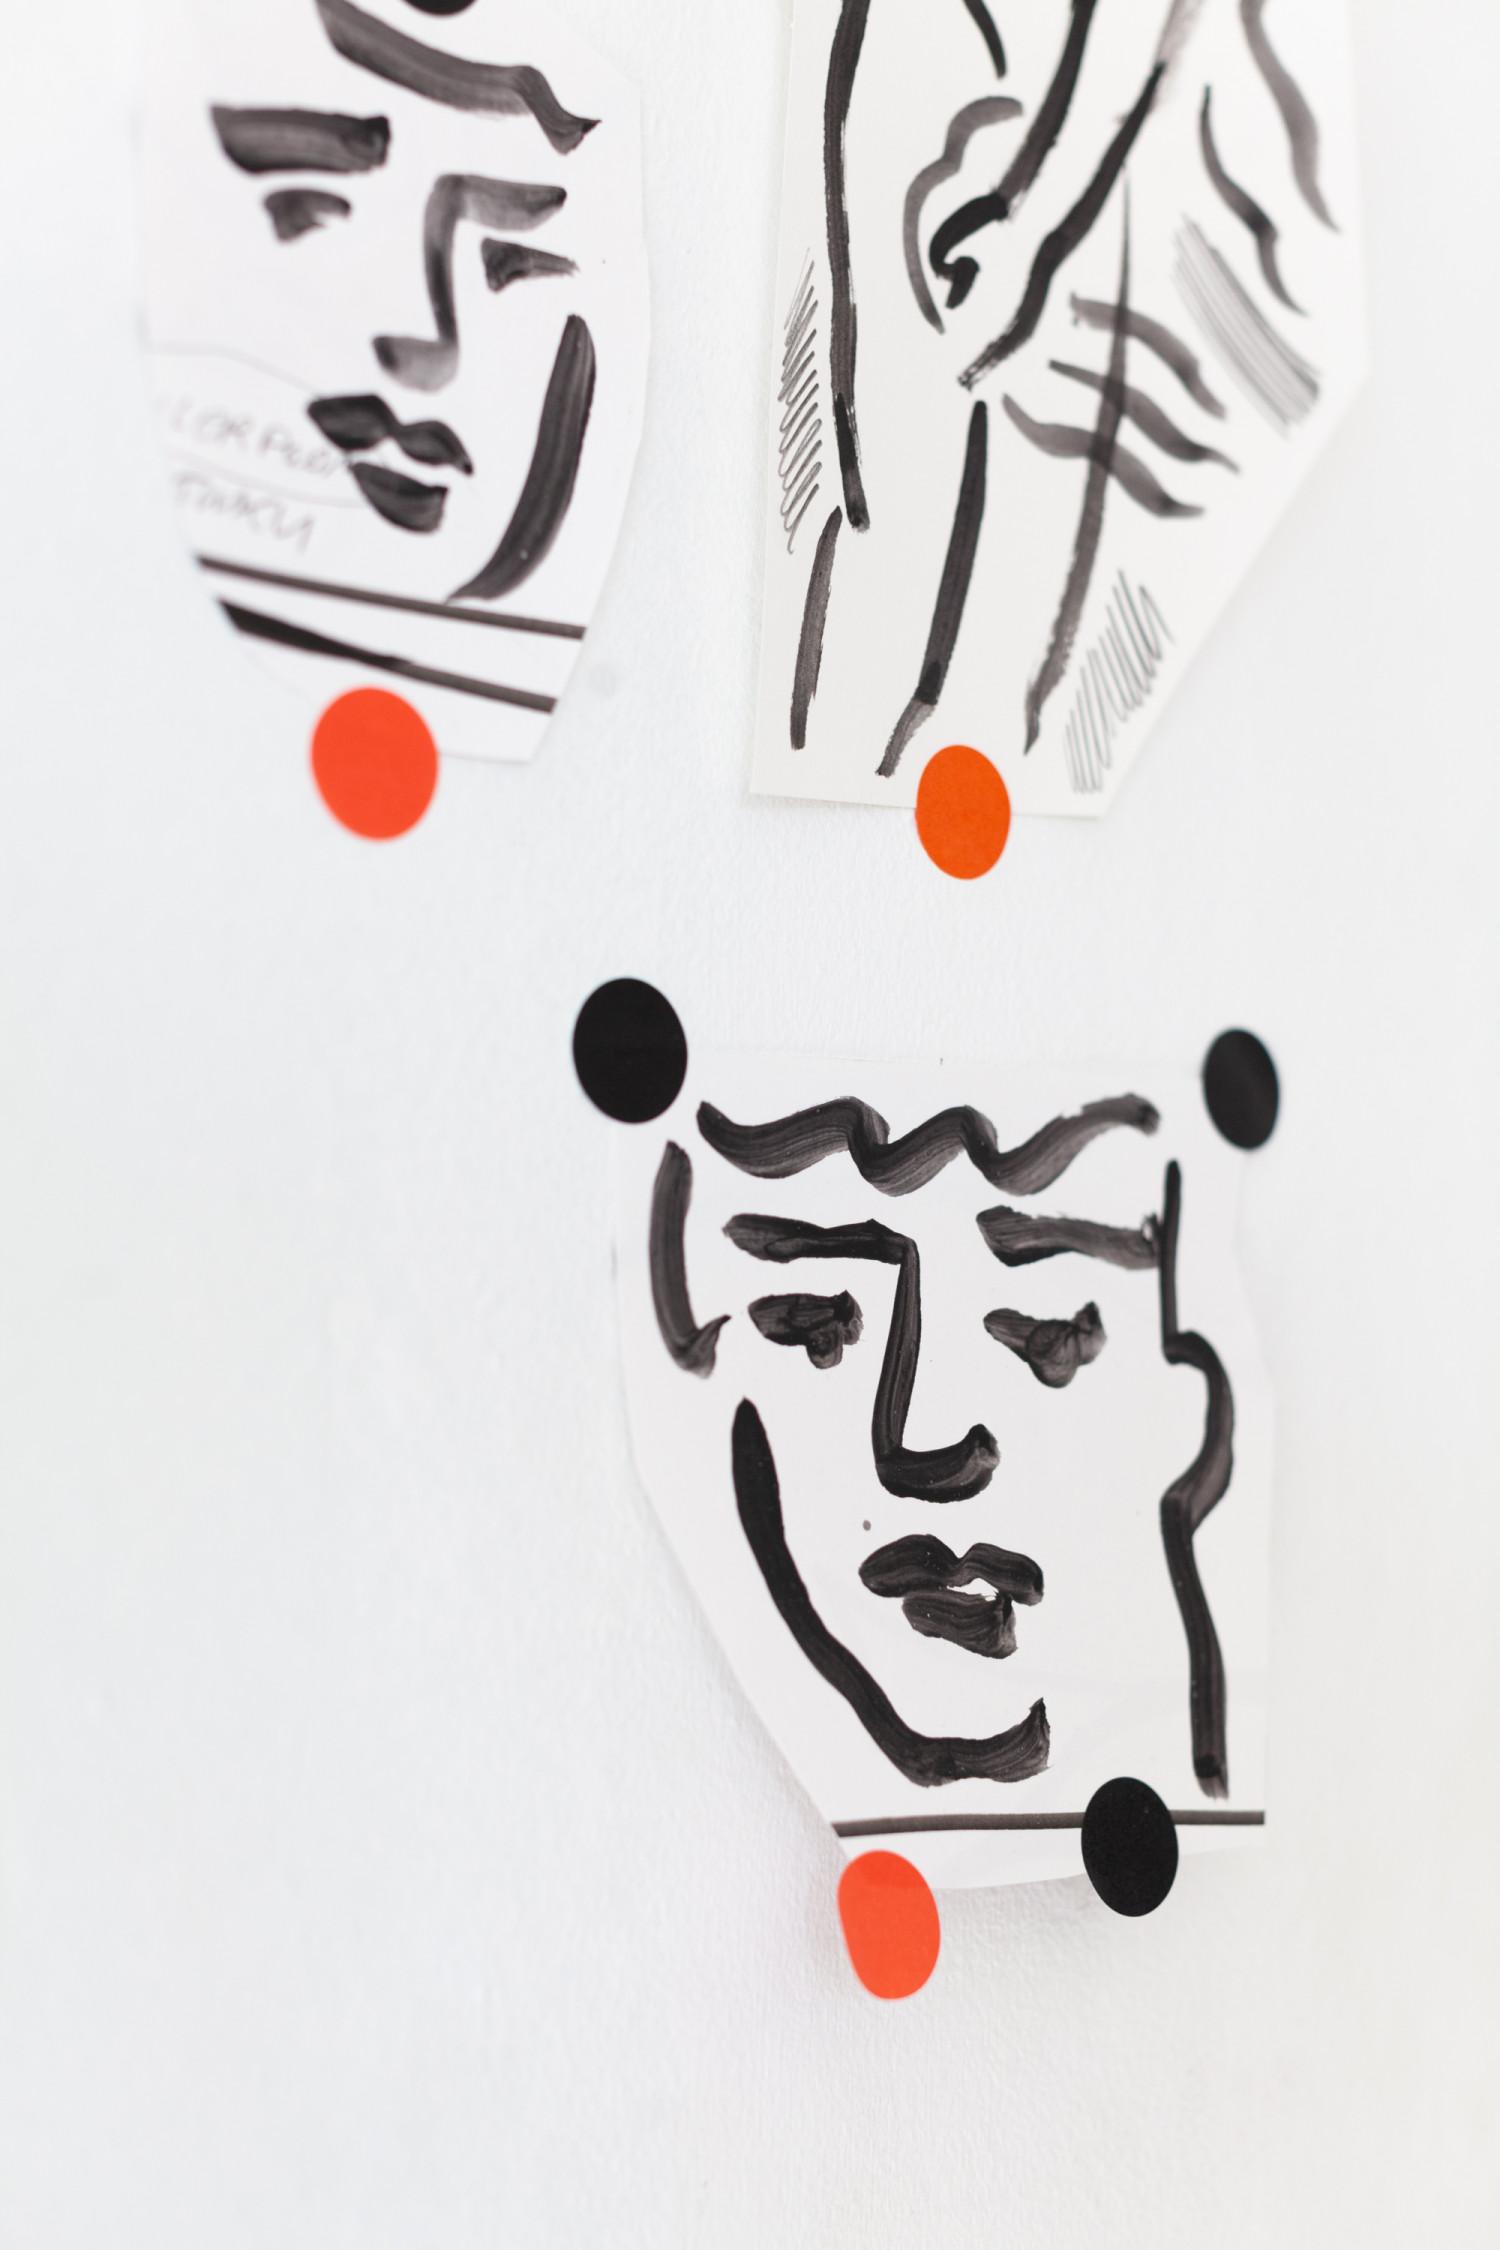 Мои эскизы к проекту для Frank Foundation: референсом была моя любимая графика Матисса, а в качестве сюжетов были реплики на произведения классической живописи. Все иллюстрации рисовал вручную и потом сканировал, дико кайфанул в процессе.